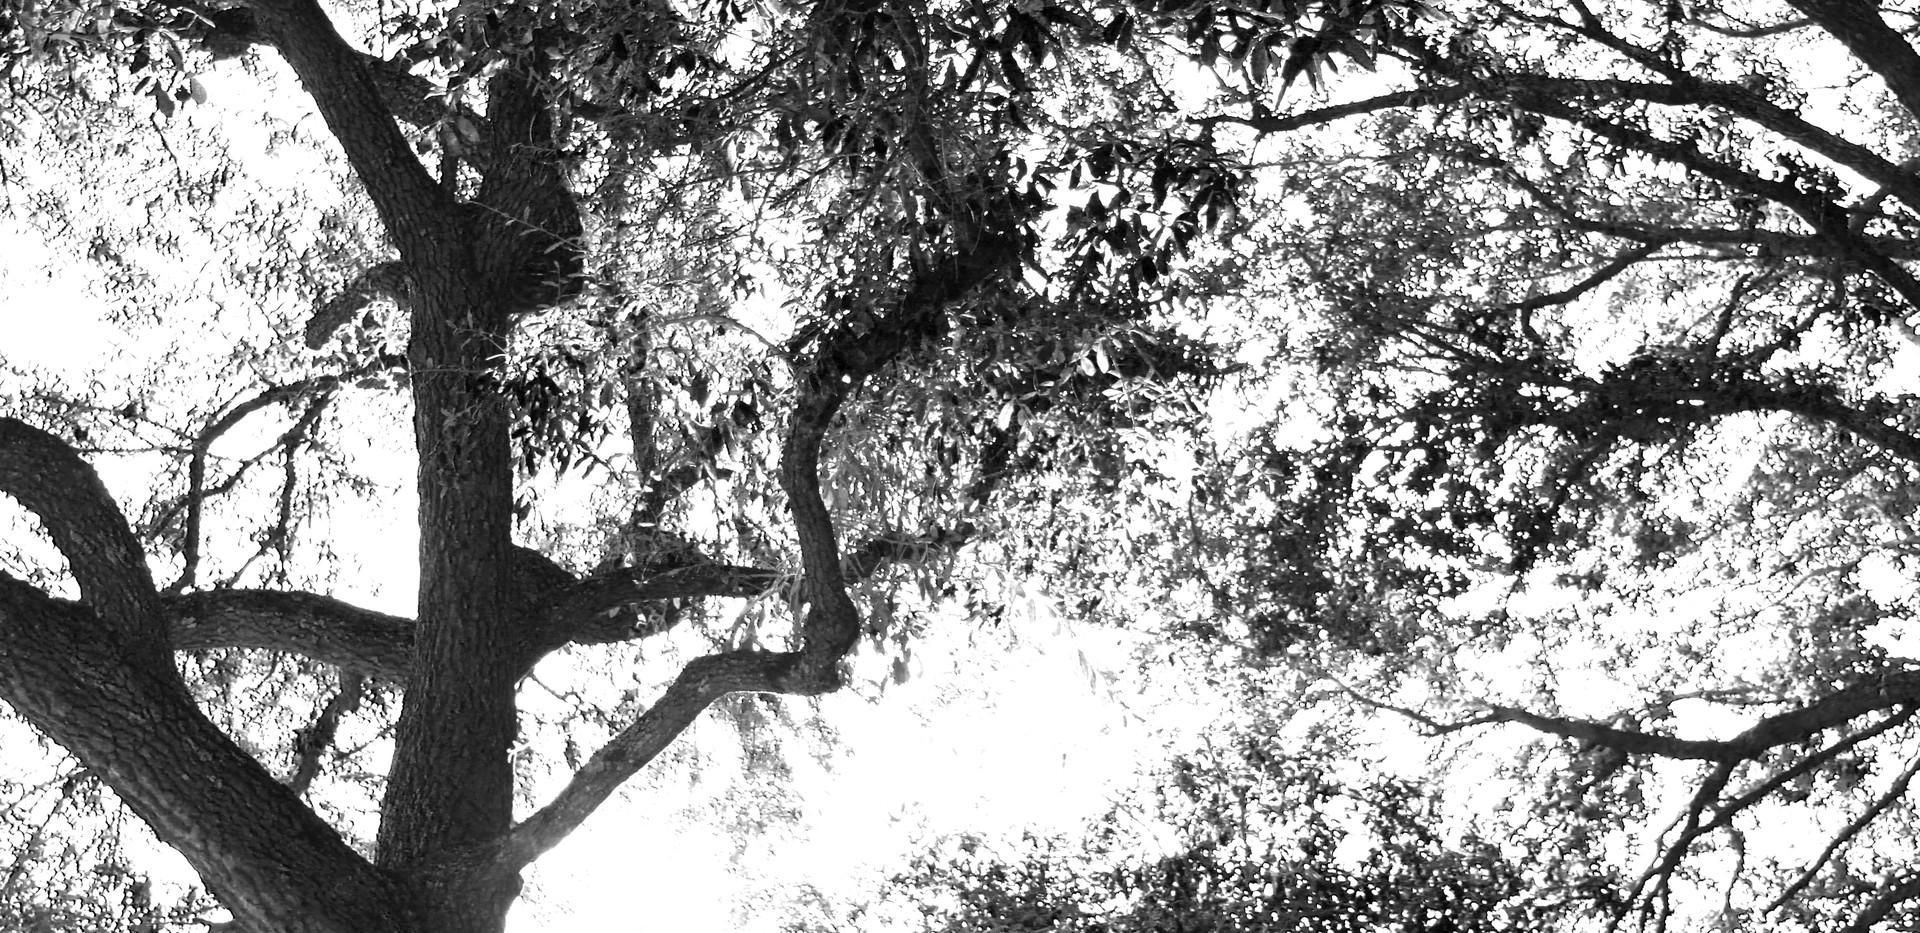 Mary Ann tree_8895.JPG